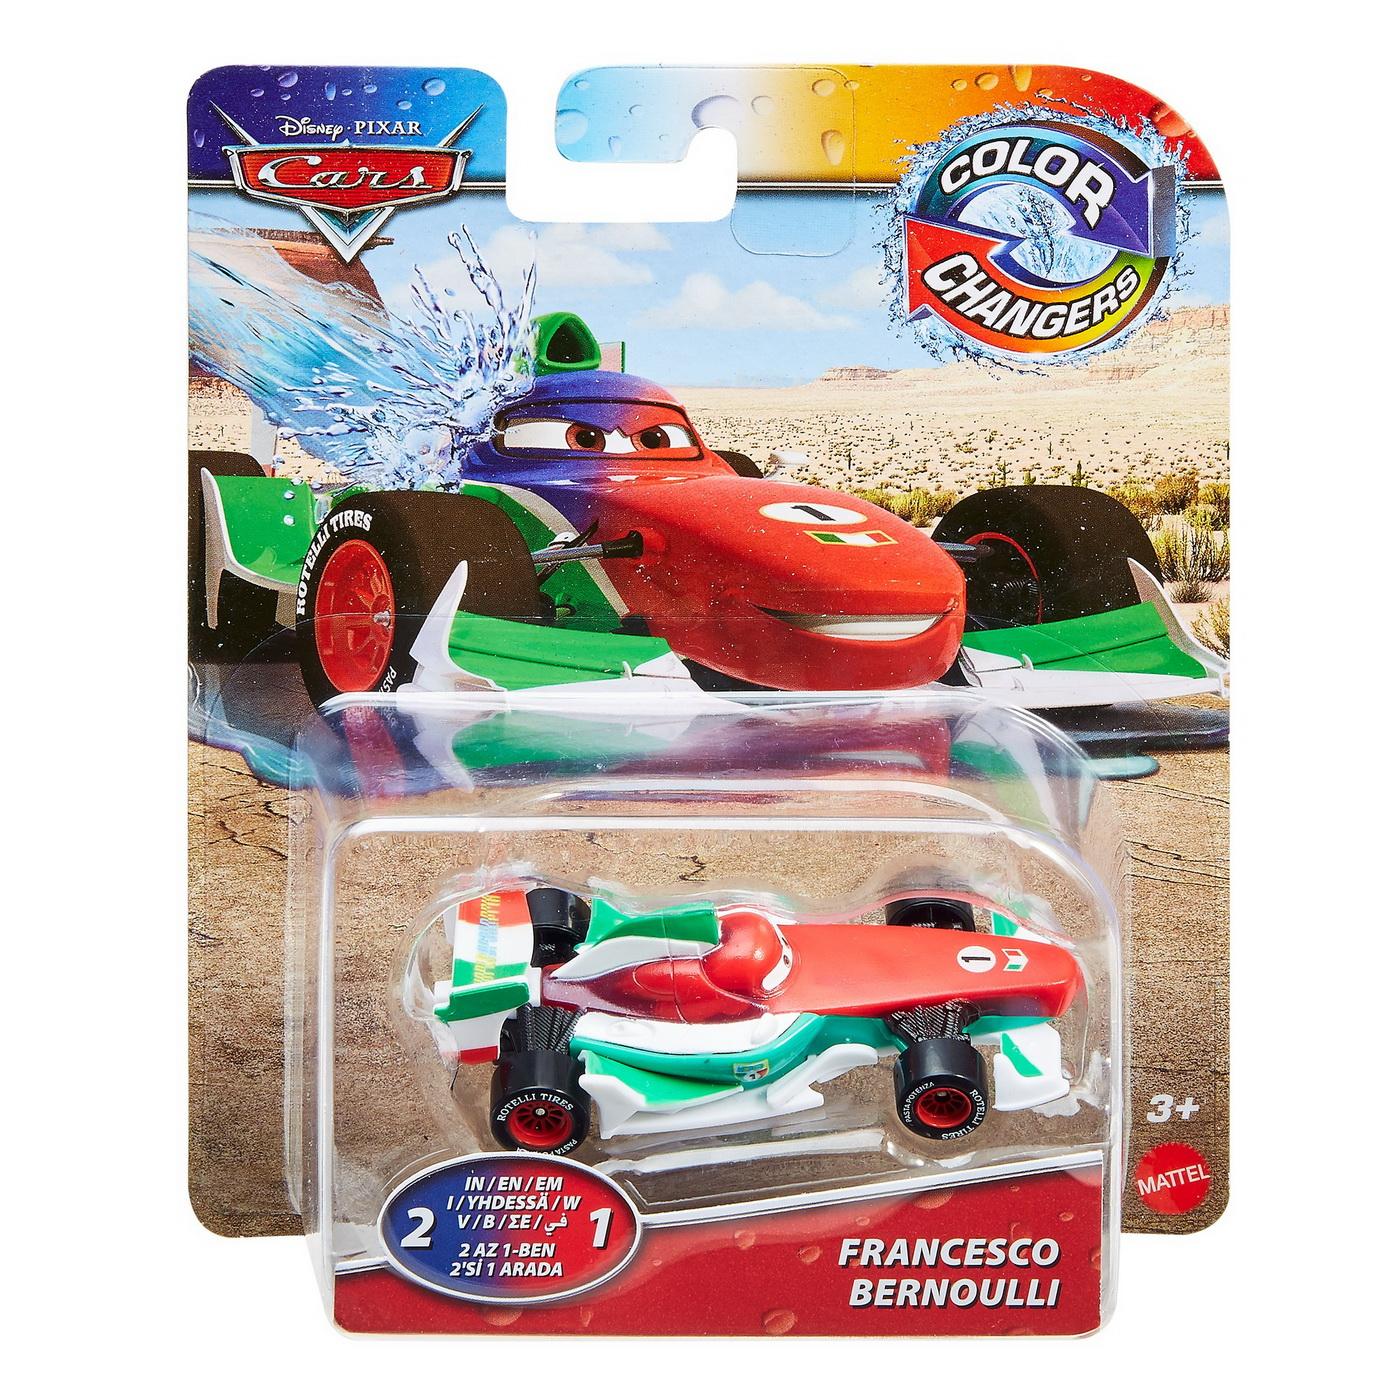 Cars Masinuta Francesco Bernoulli Cu Culori Schimbatoare